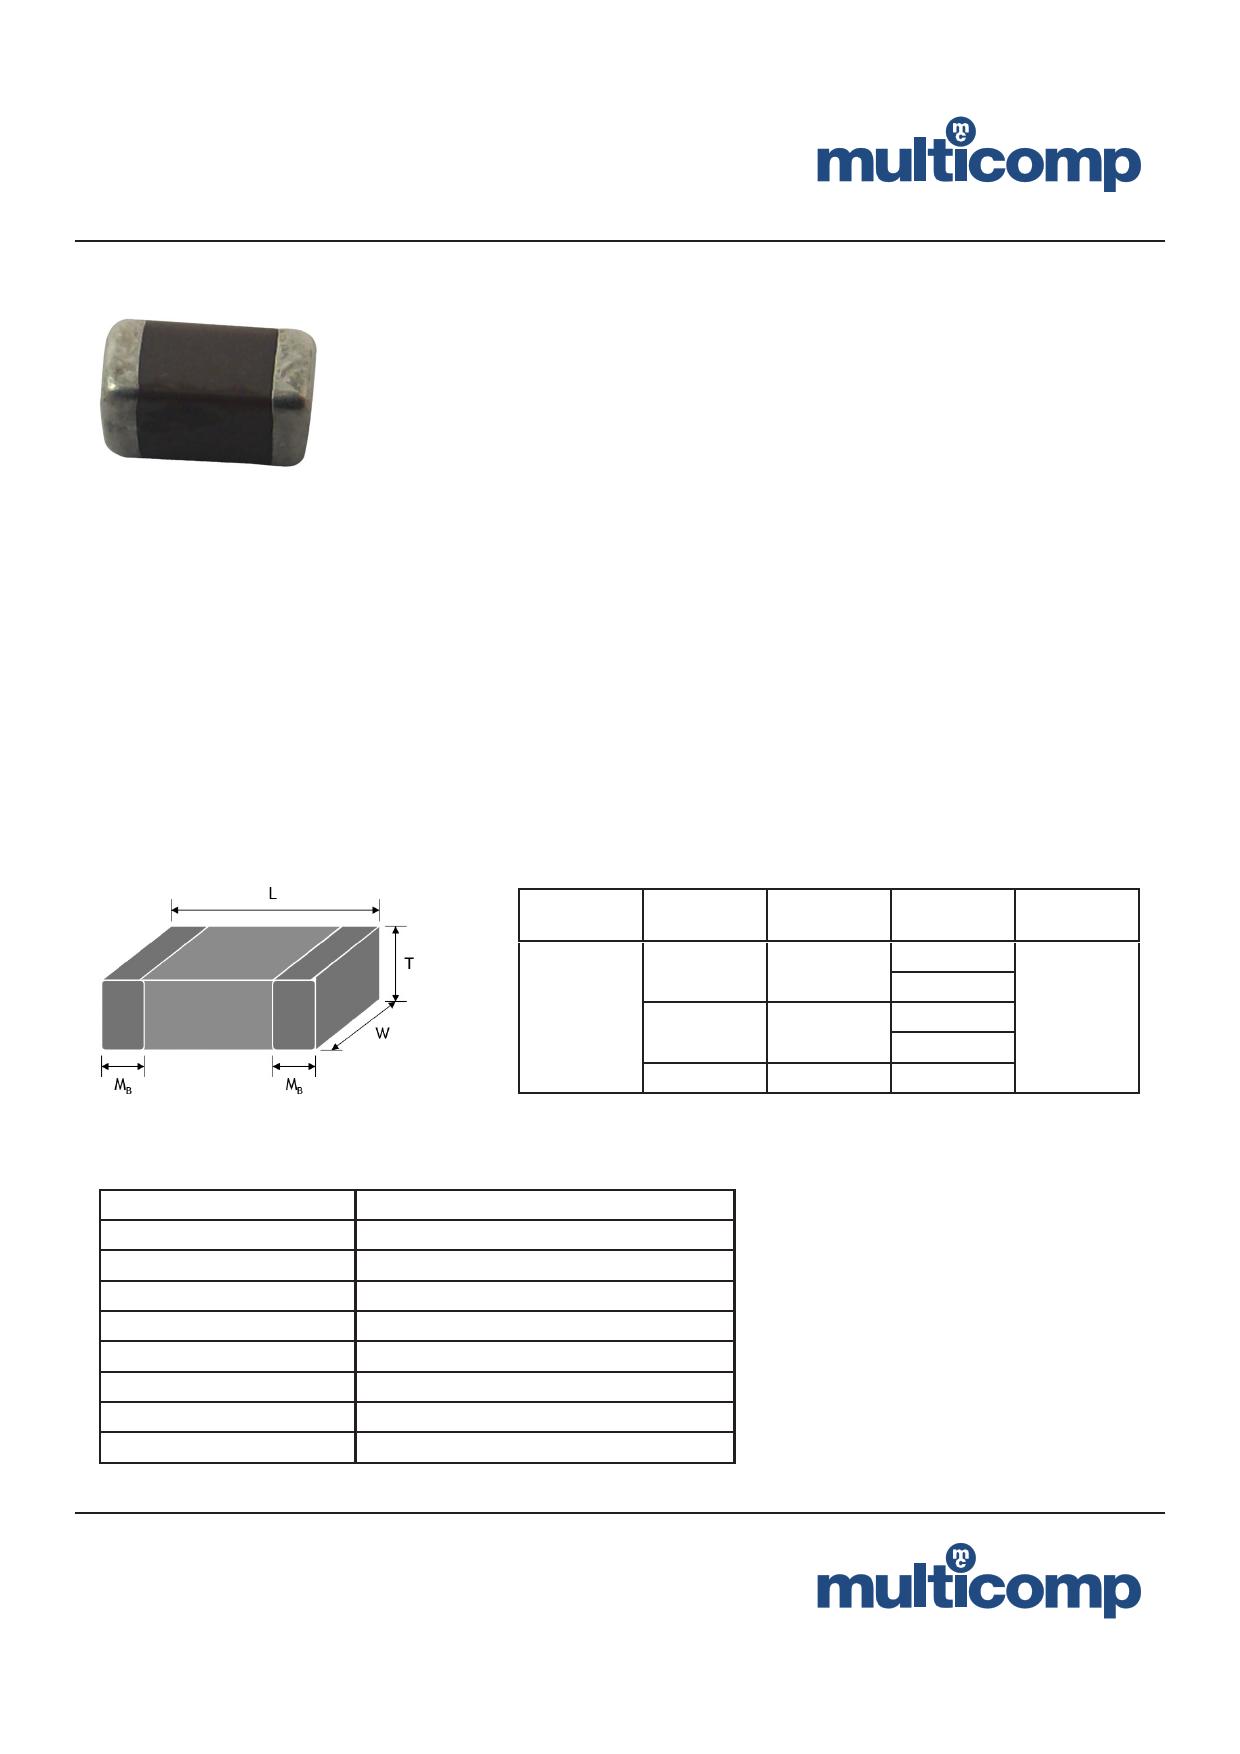 1206 smd led datasheet pdf